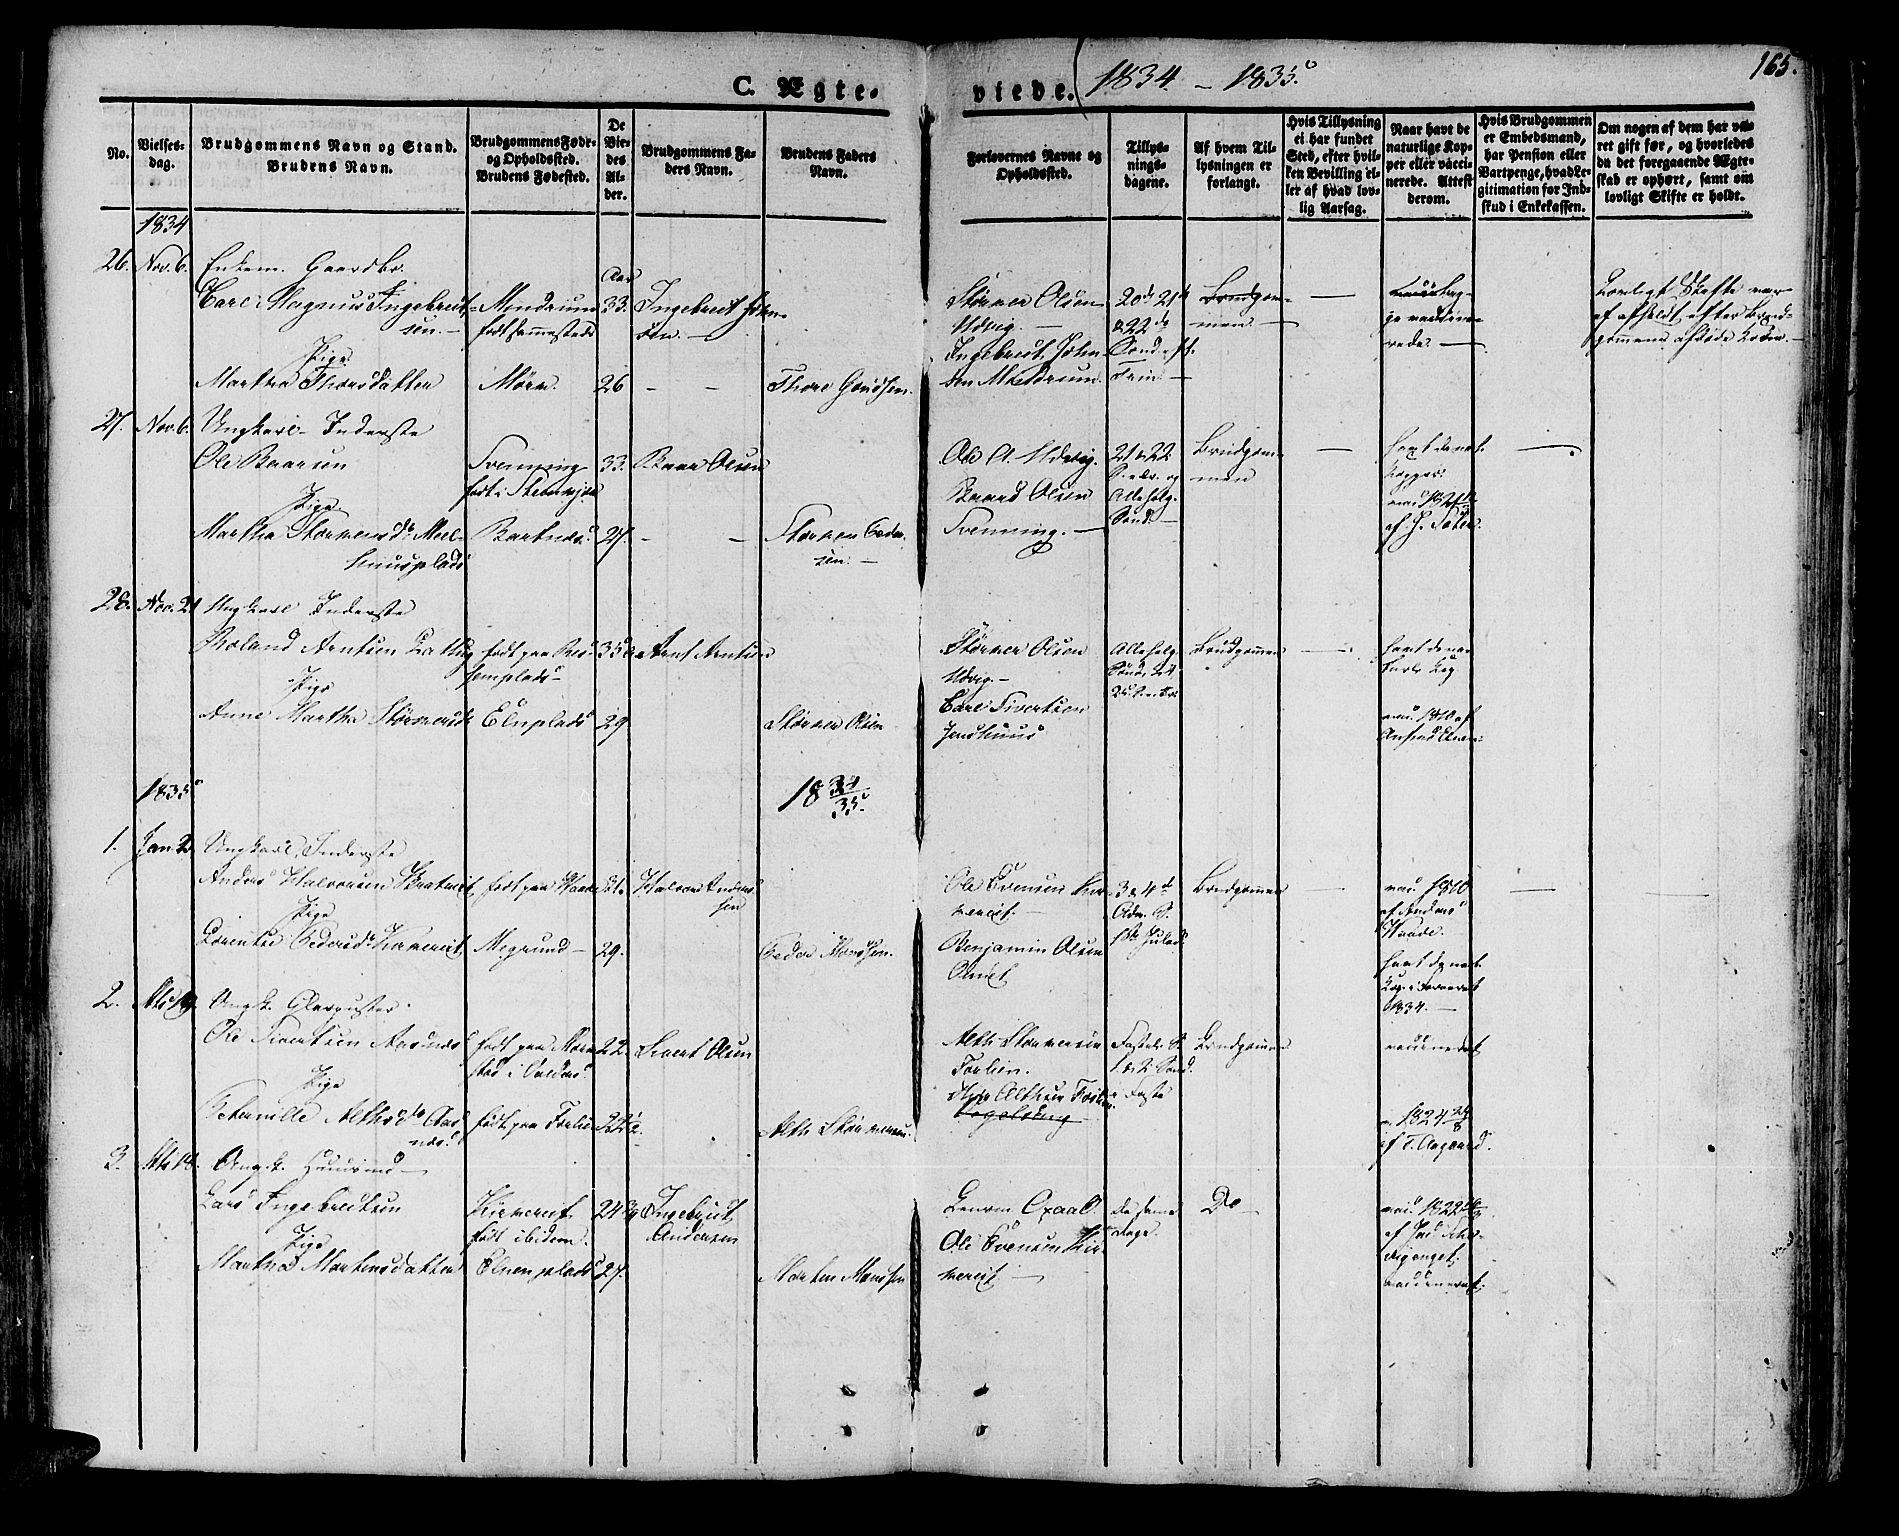 SAT, Ministerialprotokoller, klokkerbøker og fødselsregistre - Nord-Trøndelag, 741/L0390: Ministerialbok nr. 741A04, 1822-1836, s. 165